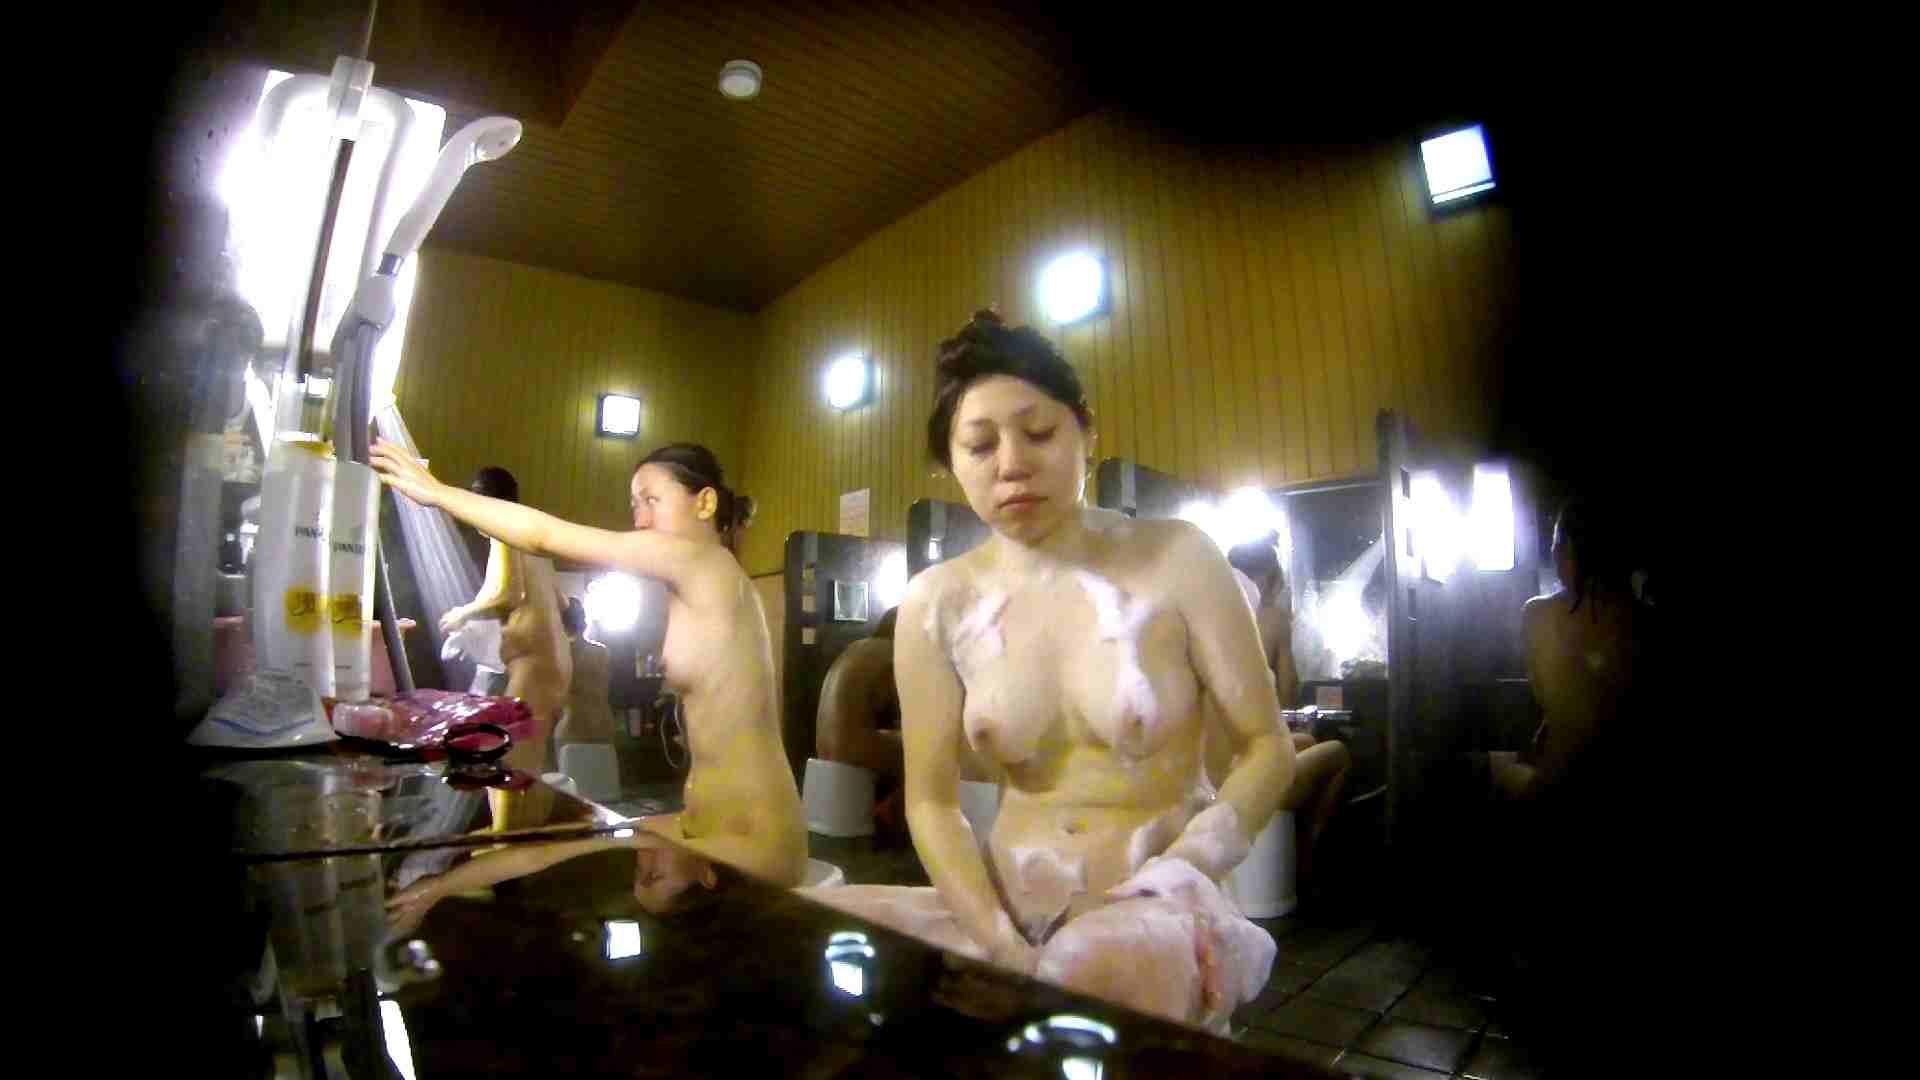 洗い場!柔らかそうな身体は良いけど、歯磨きが下品です。 銭湯特撮  39連発 28